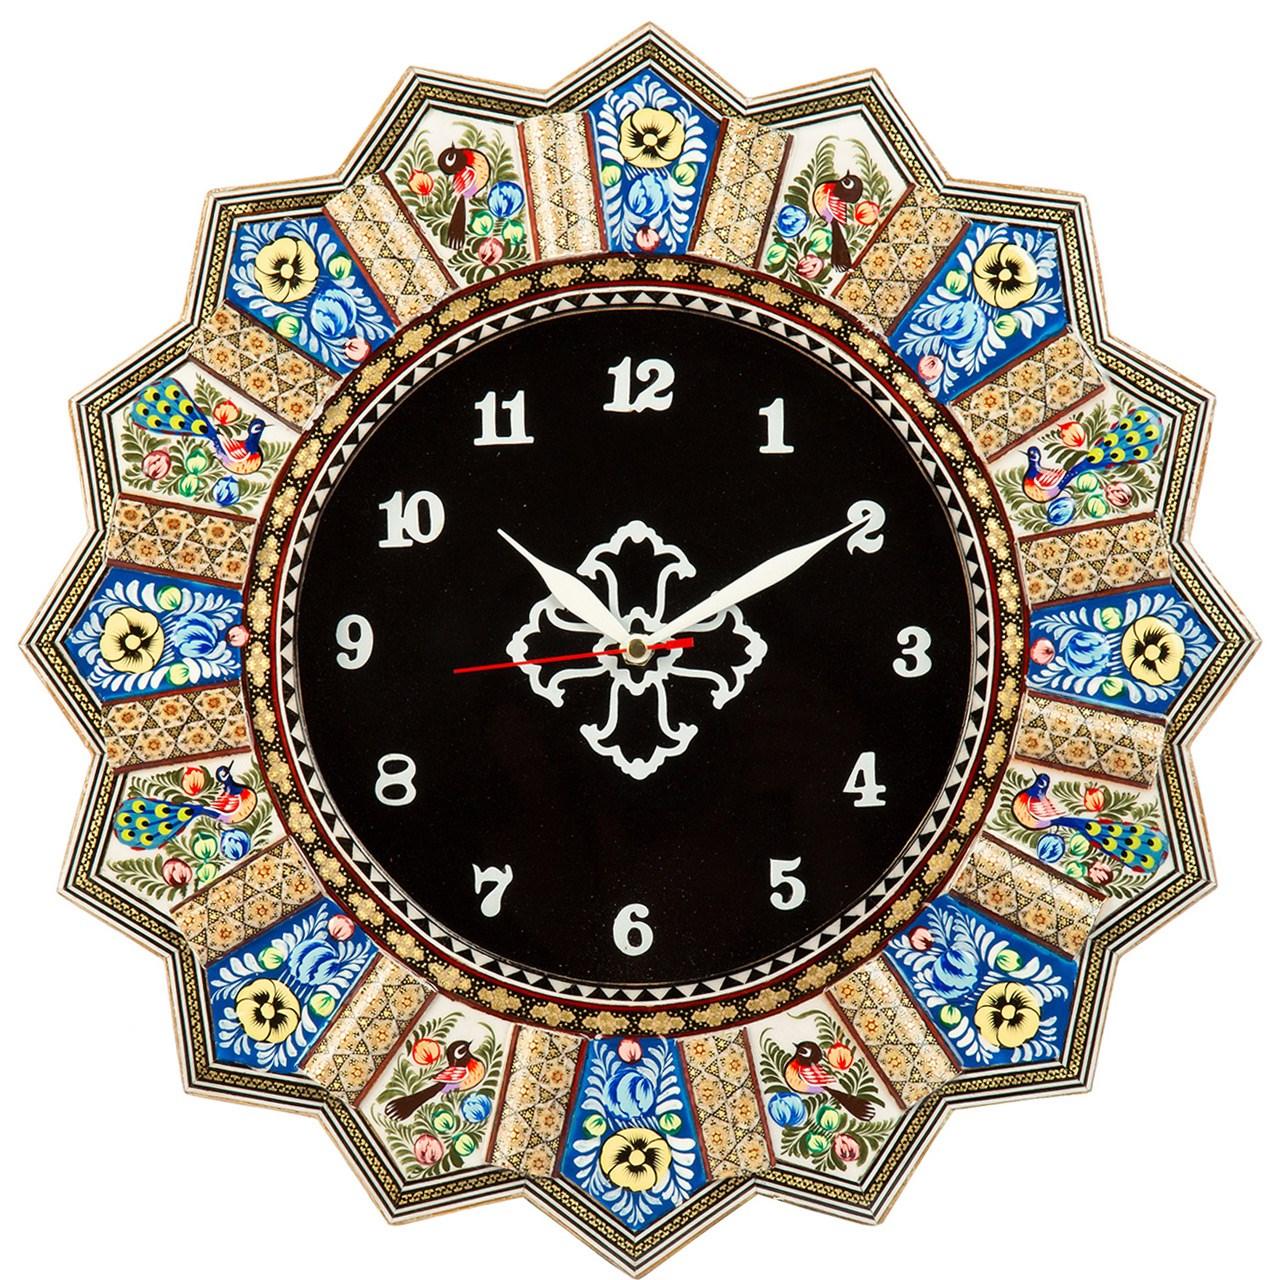 ساعت دیواری خاتم کاری گالری گوهران مدل بنفشه کد1387